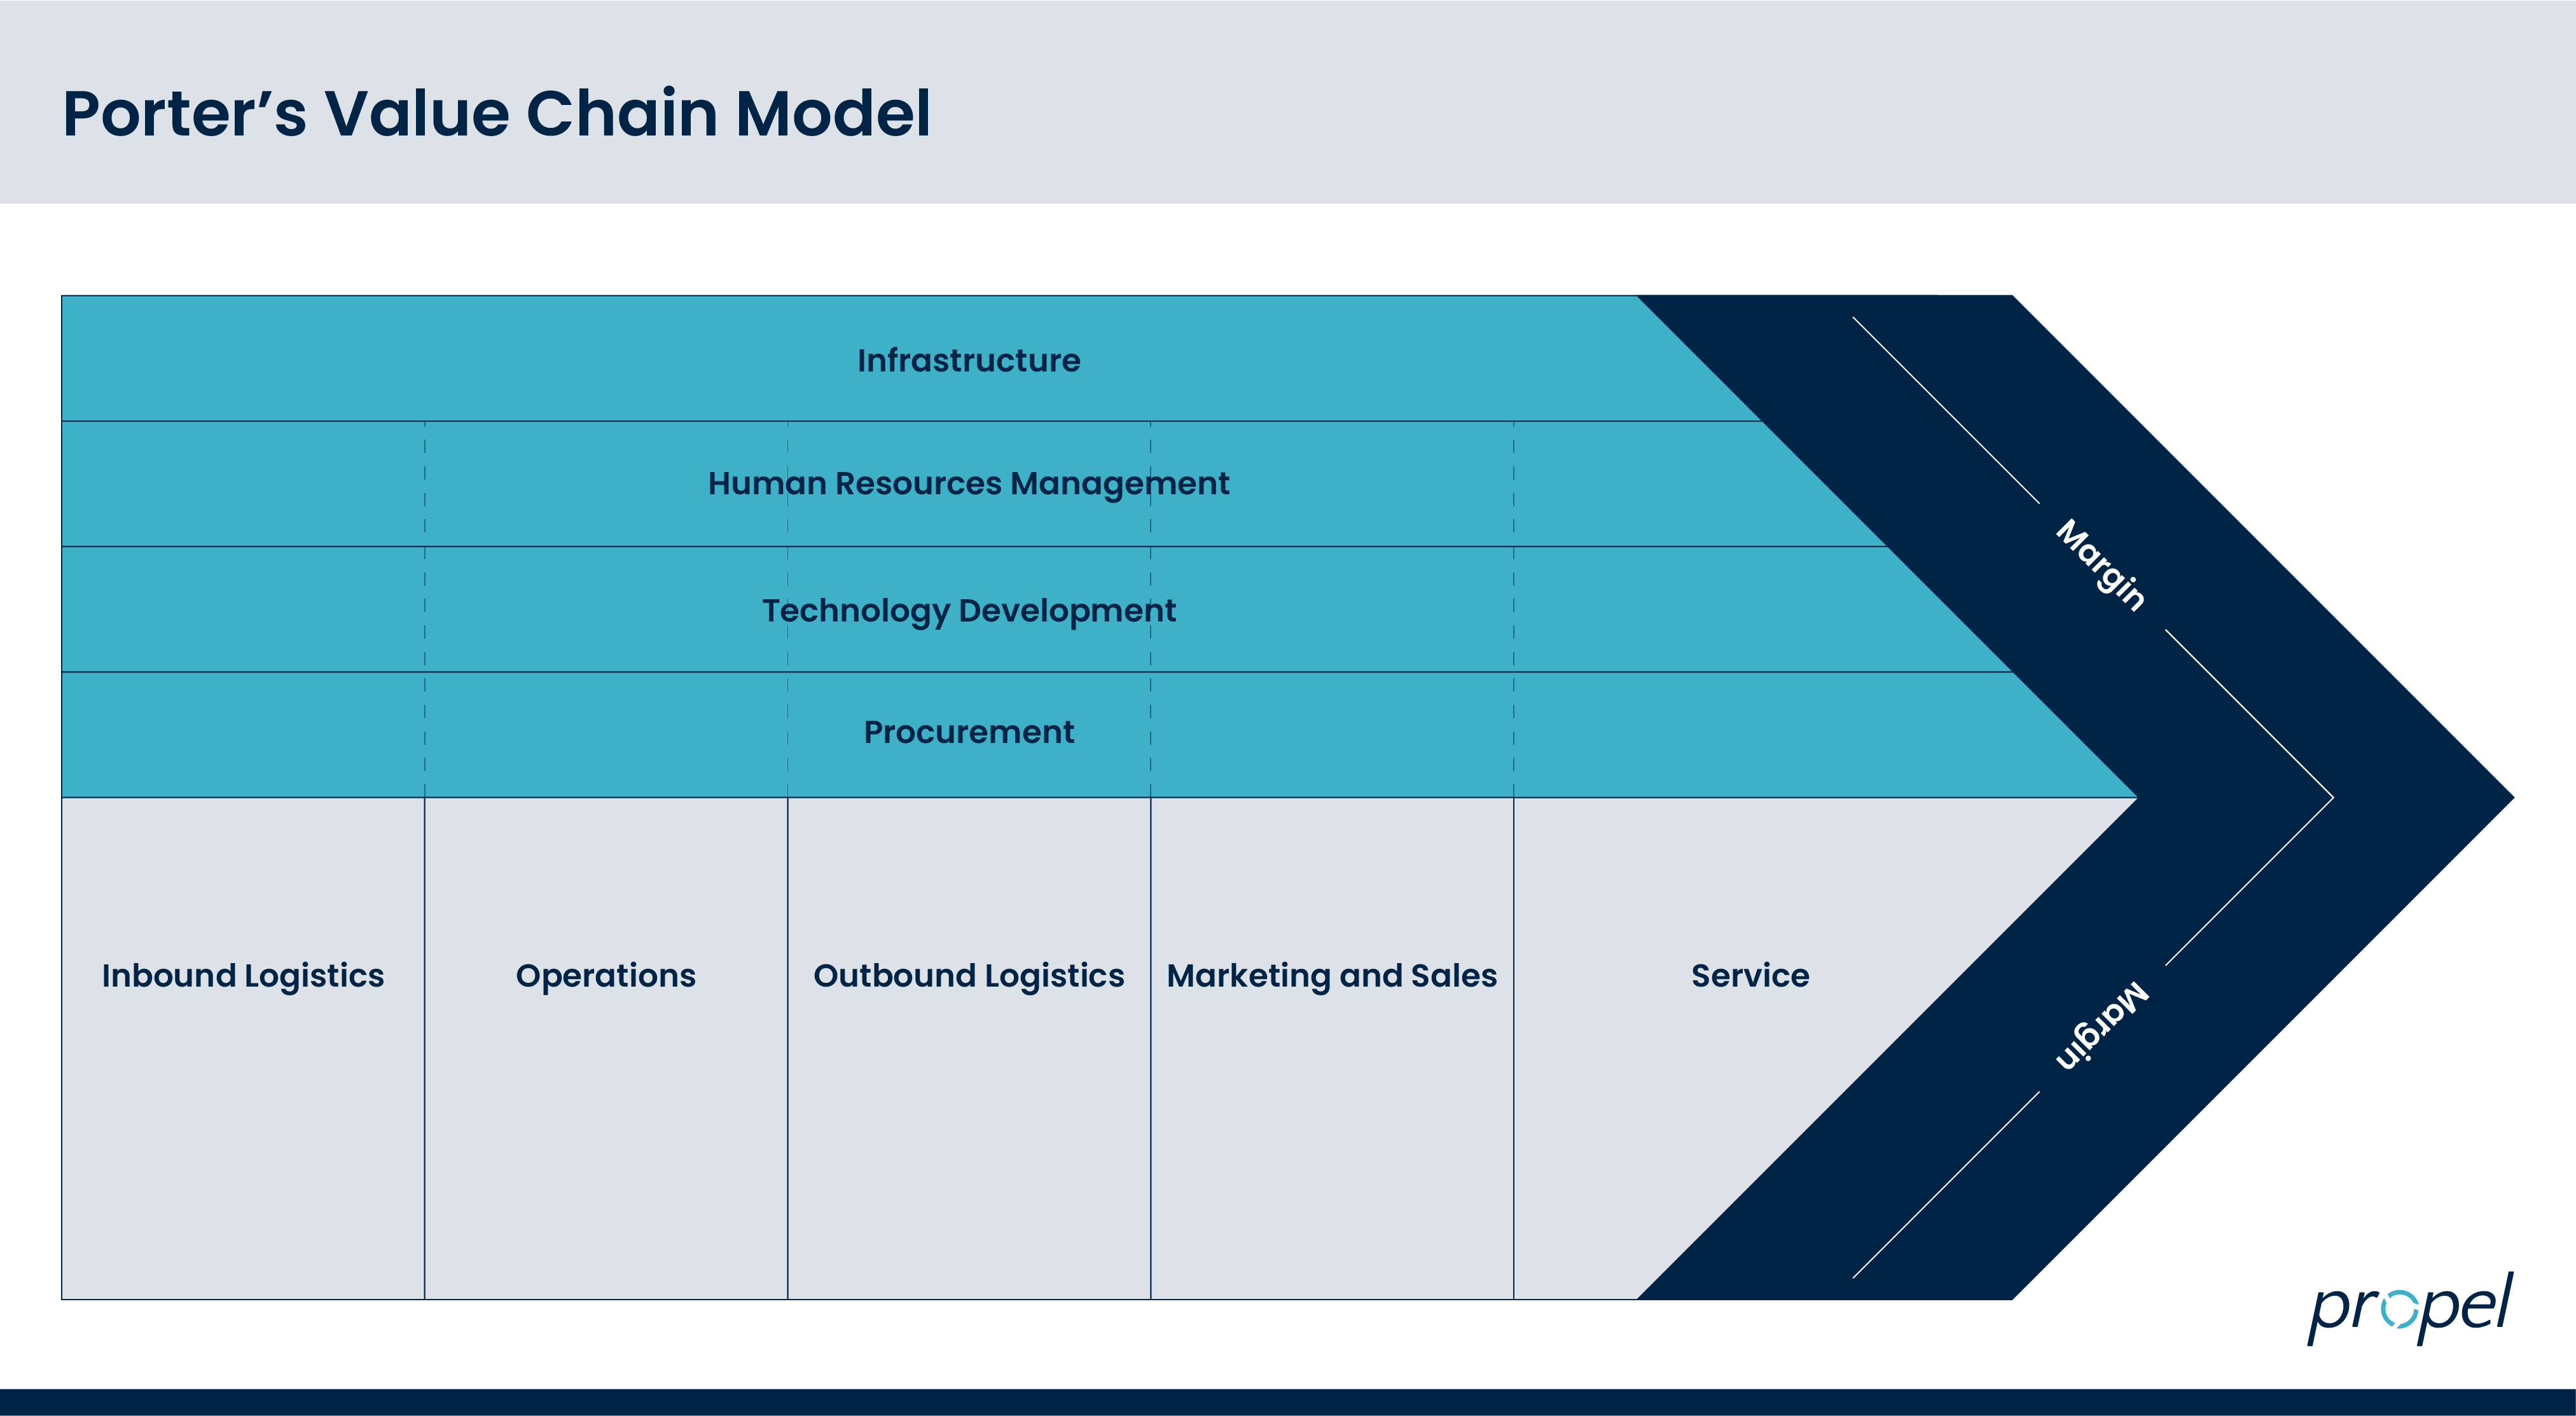 Porter's value chain model